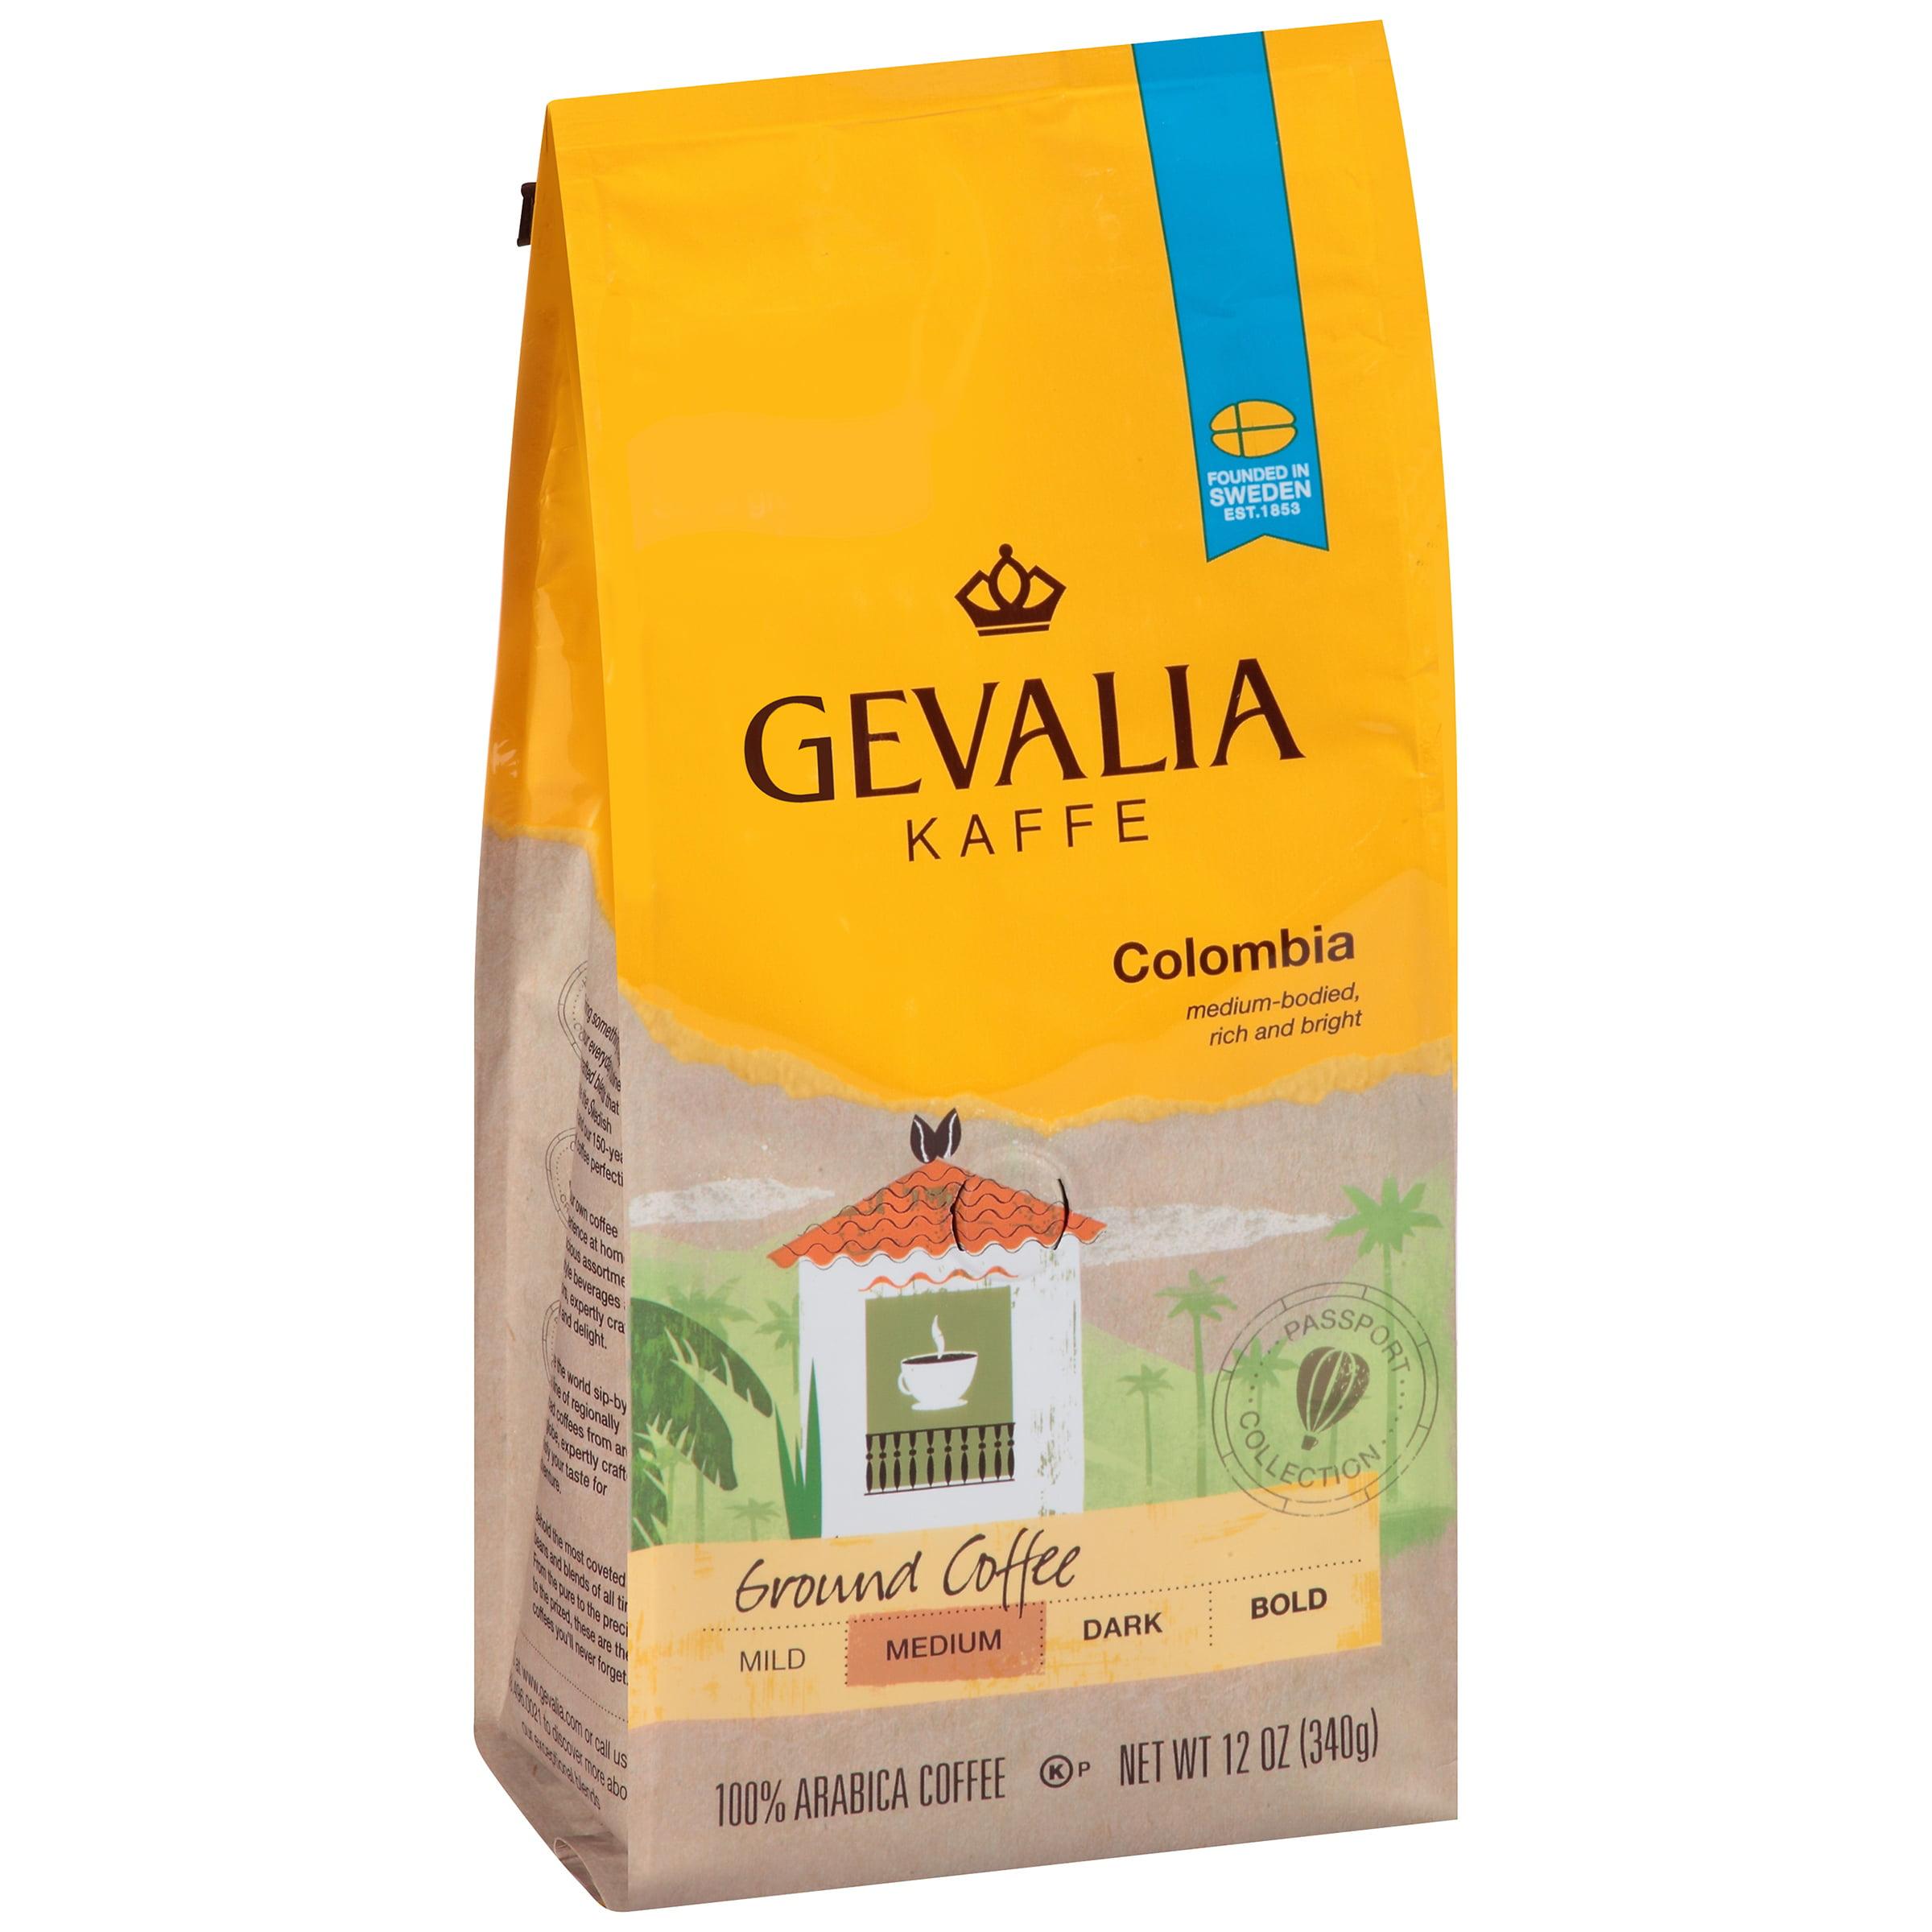 Gevalia Kaffe Colombia Medium Roast Ground Coffee, 12 Oz